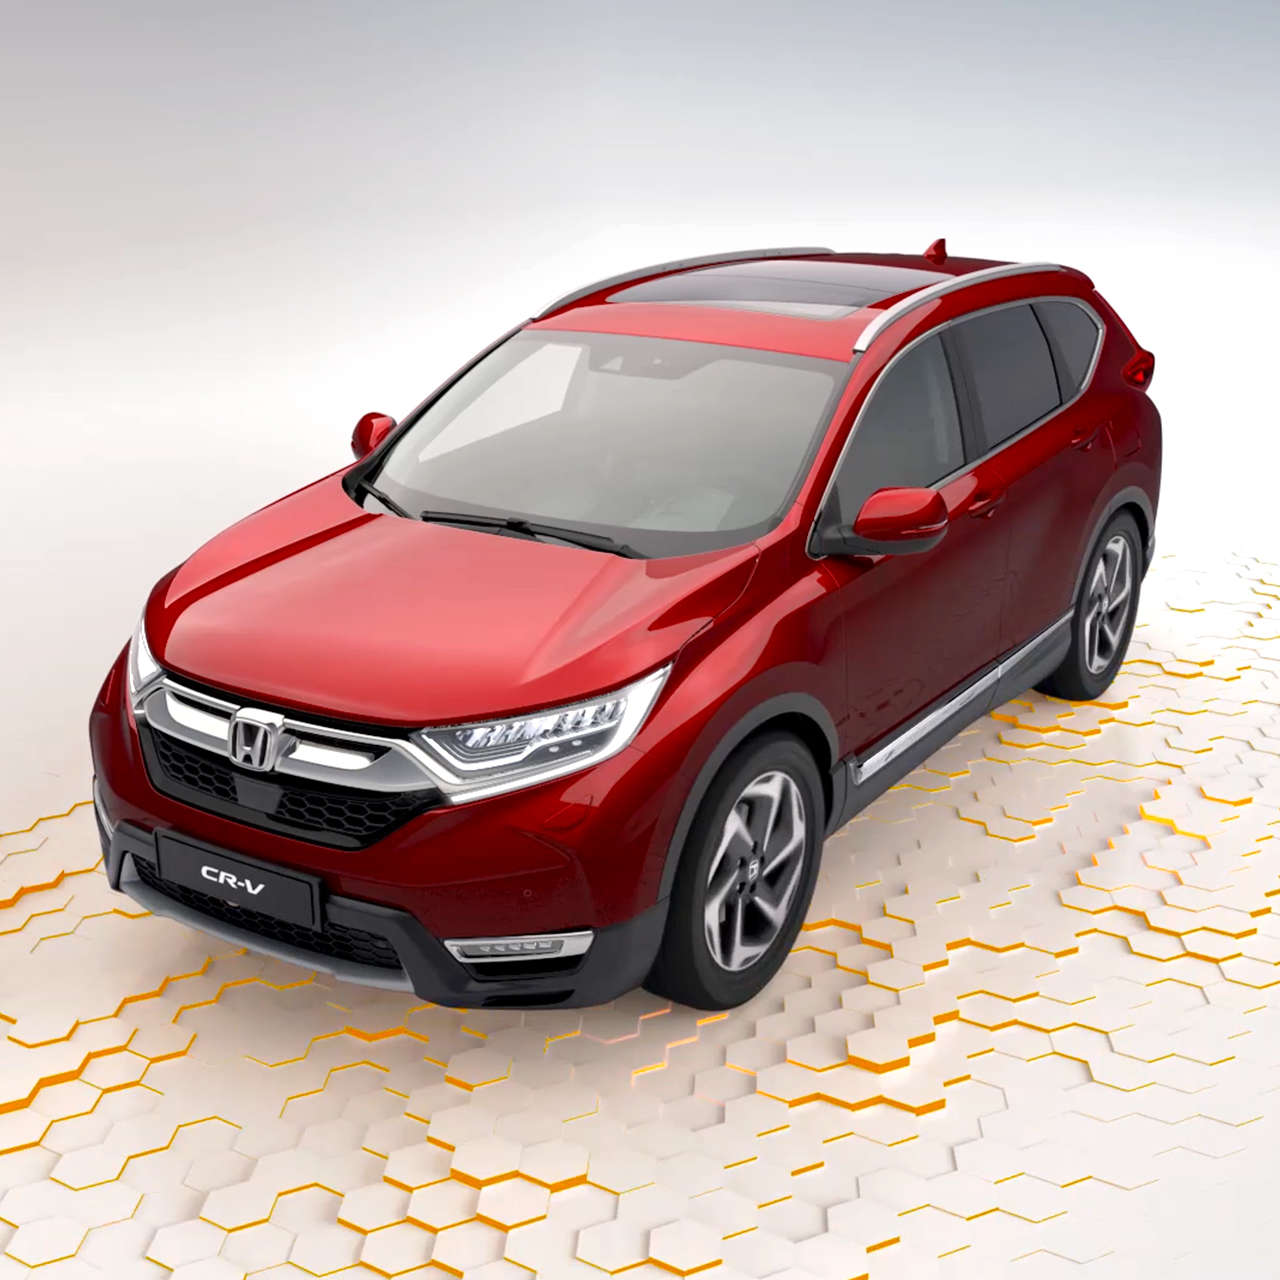 All New Cr V The Redesigned 4x4 Suv Honda Uk